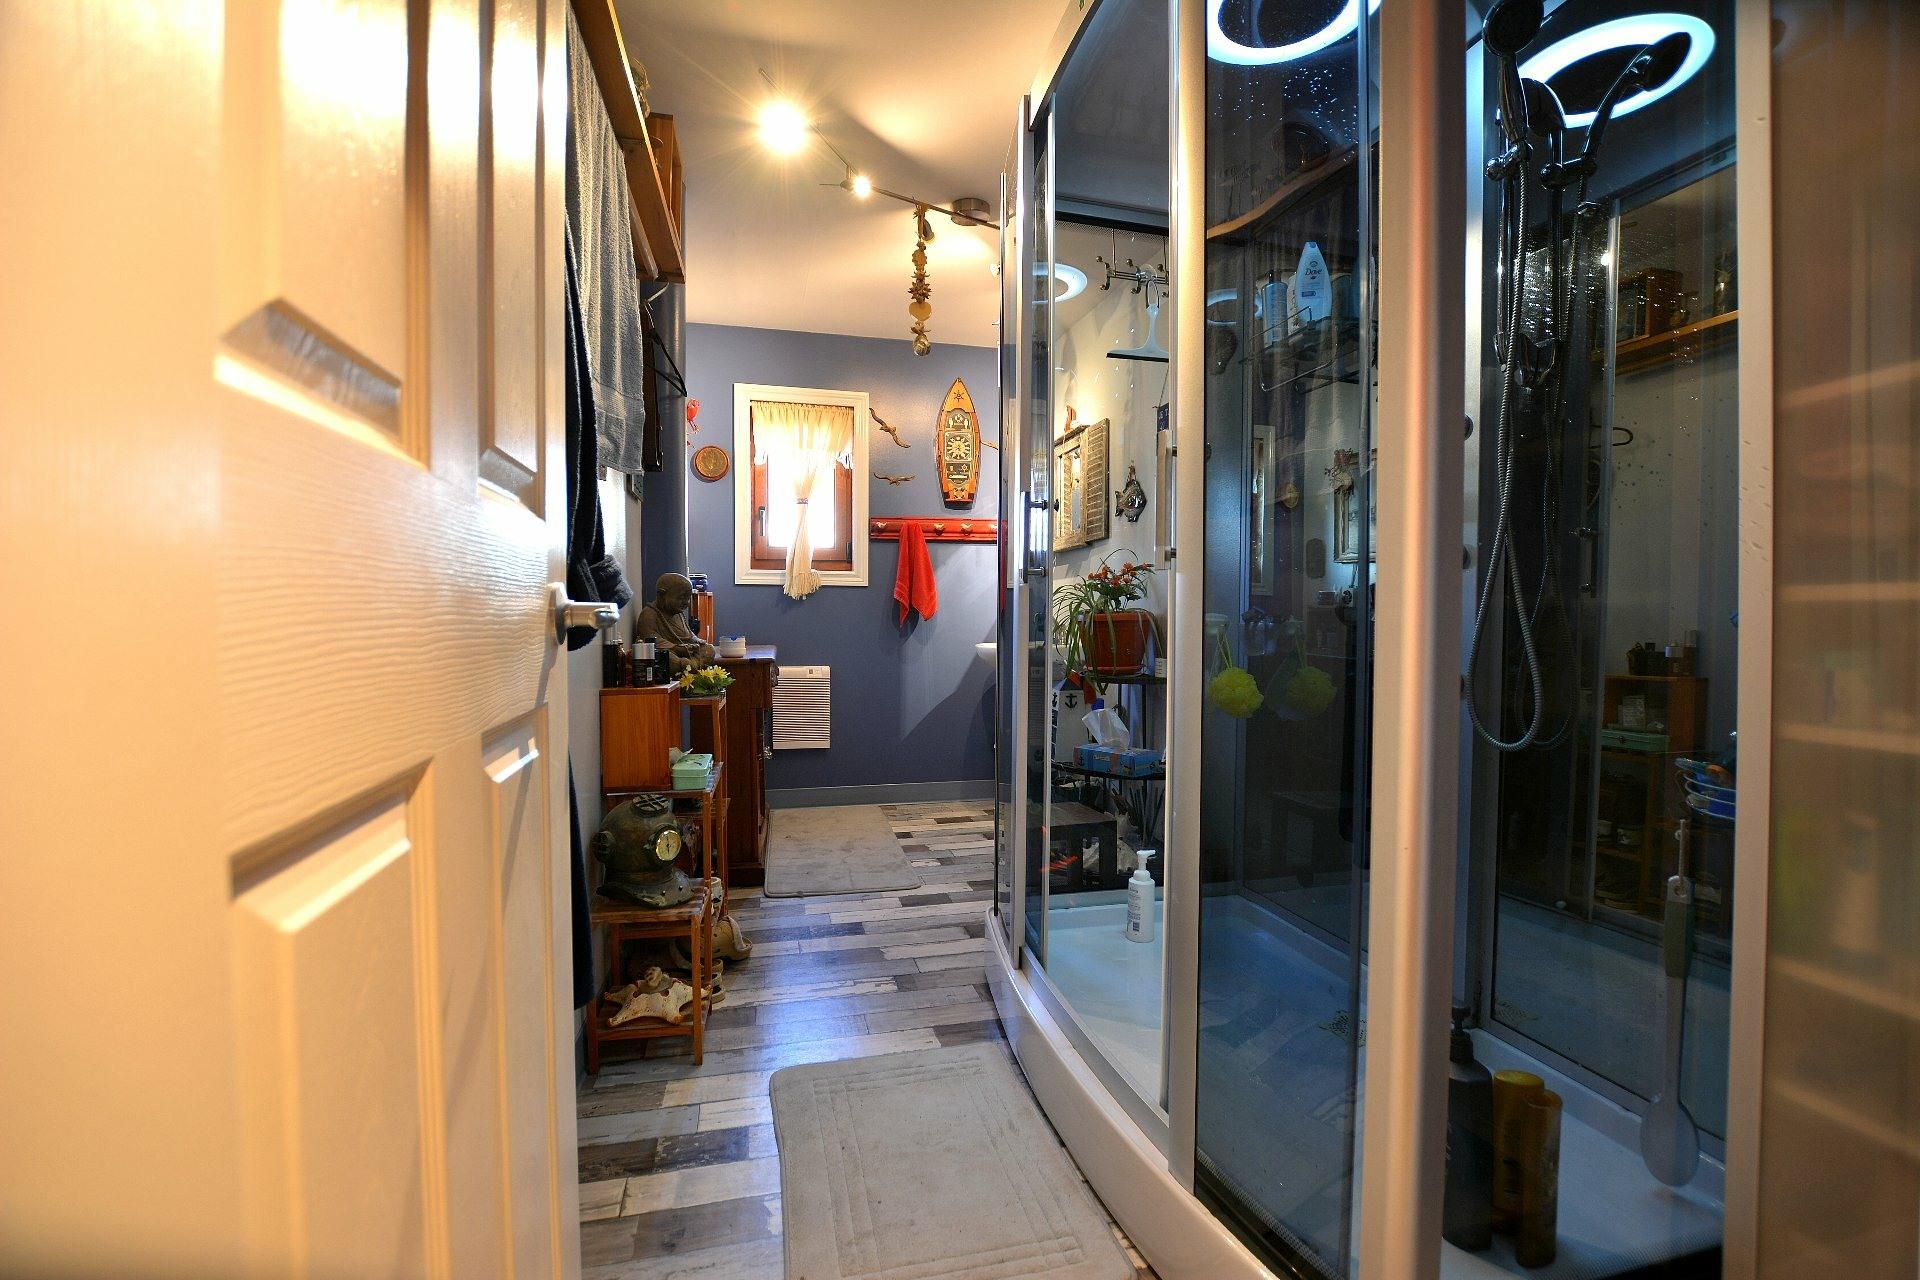 image 14 - House For sale Montréal Lachine  - 5 rooms